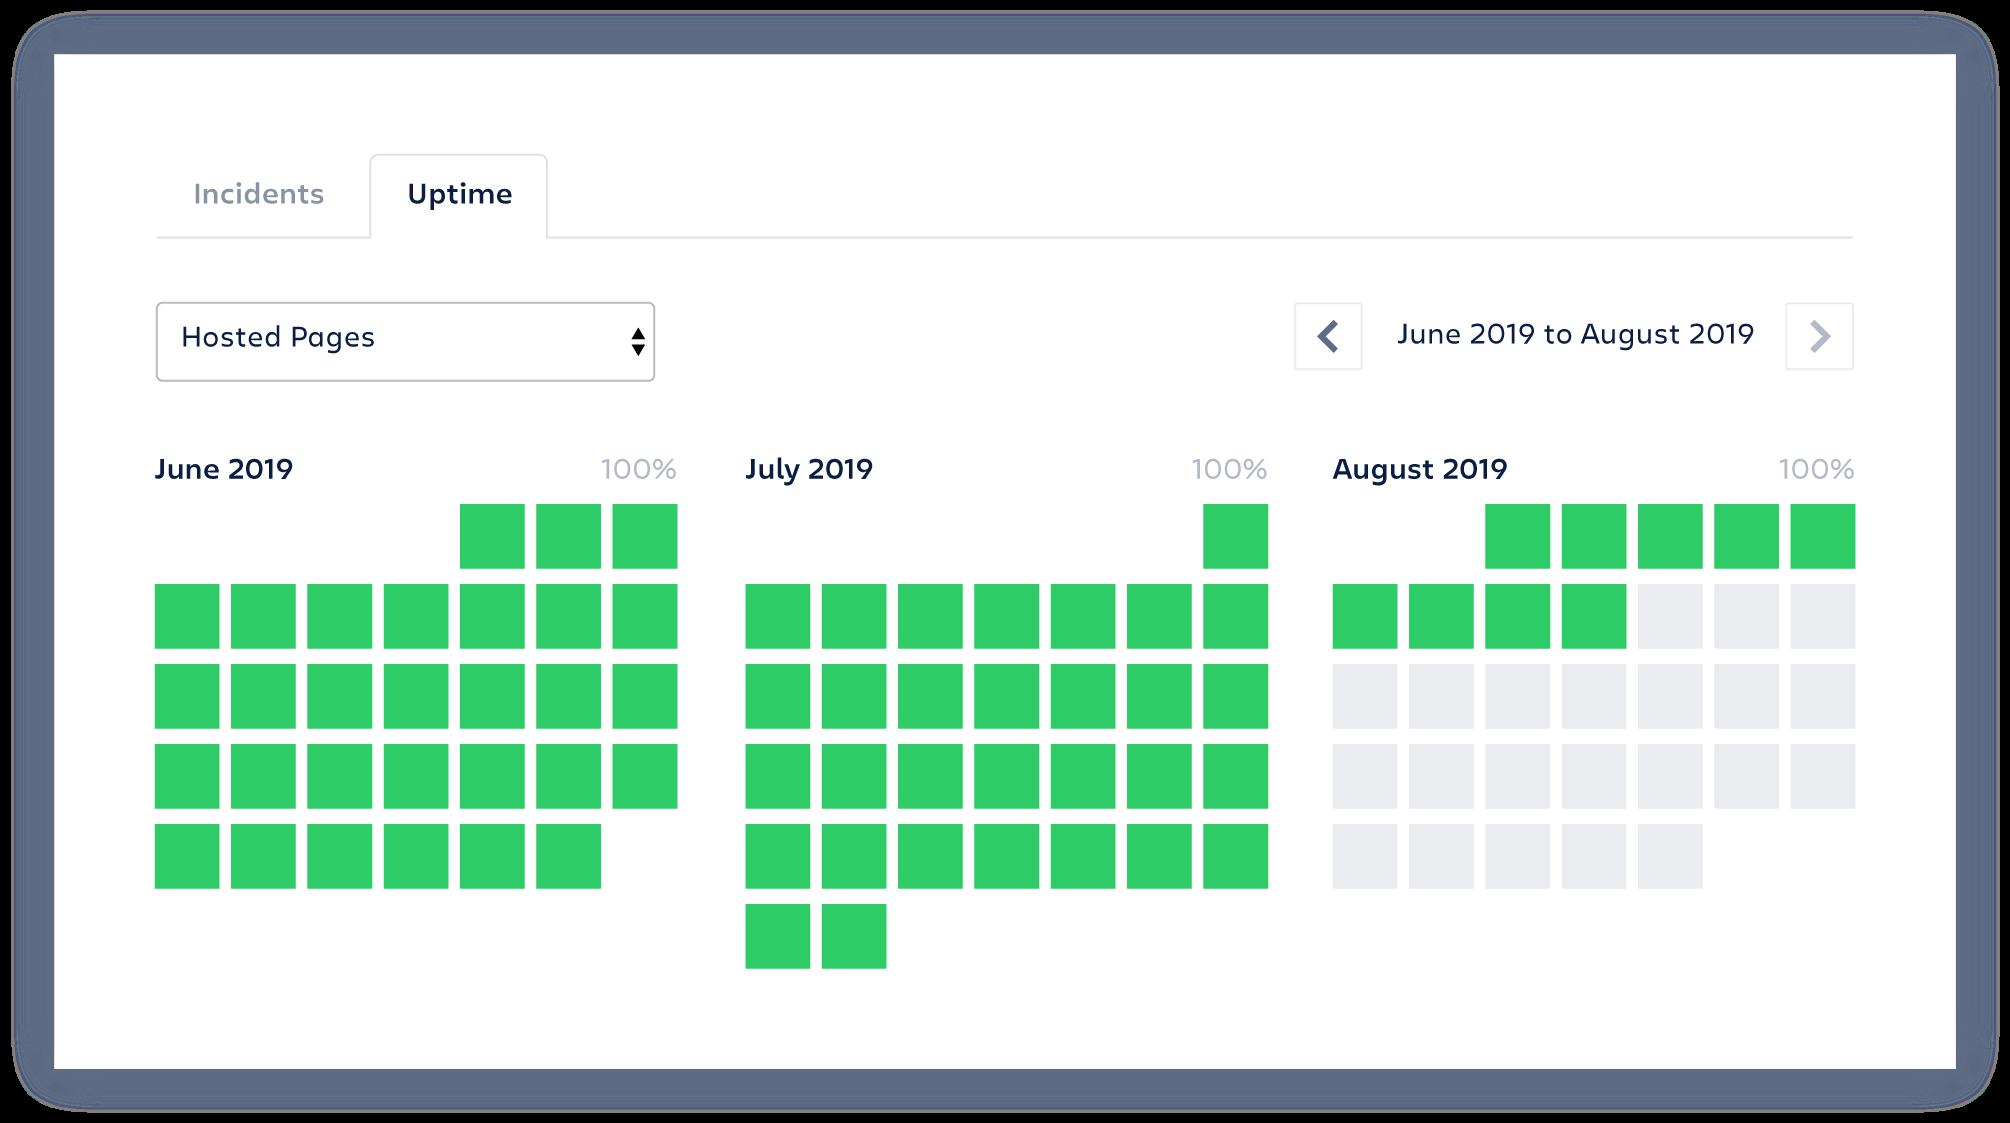 Kalendarz z dniami działania usługi zaznaczonymi na zielono na przestrzeni kilku miesięcy